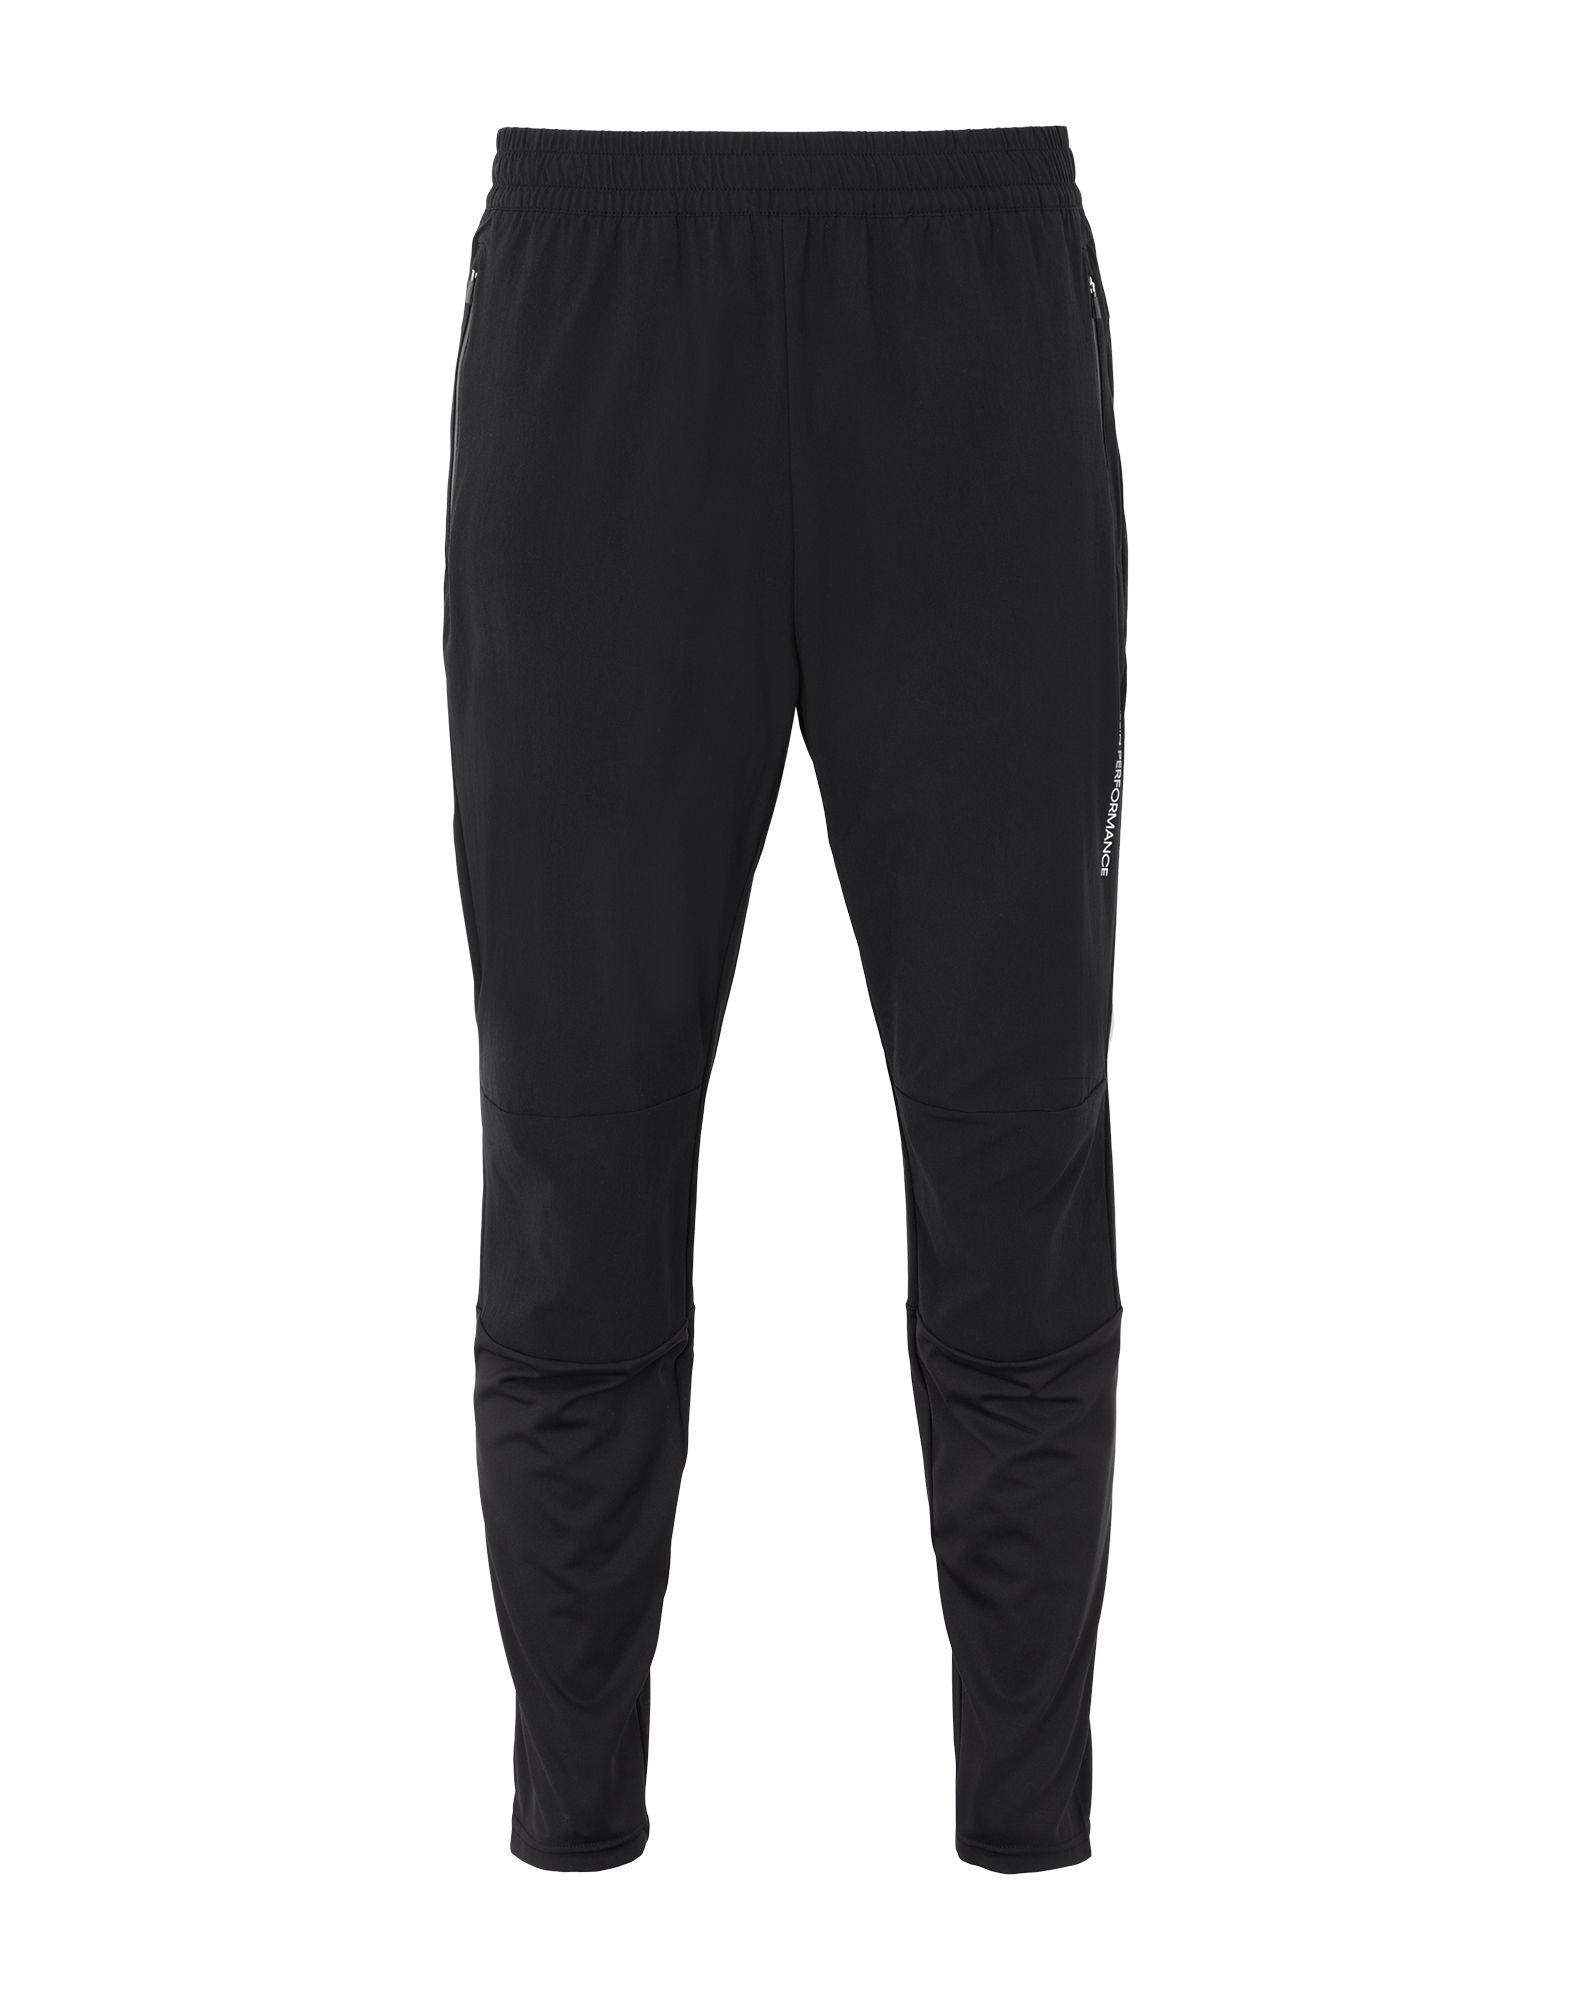 《セール開催中》CALVIN KLEIN PERFORMANCE メンズ パンツ ブラック S ナイロン 90% / ポリウレタン 10% WOVEN TECH PANT